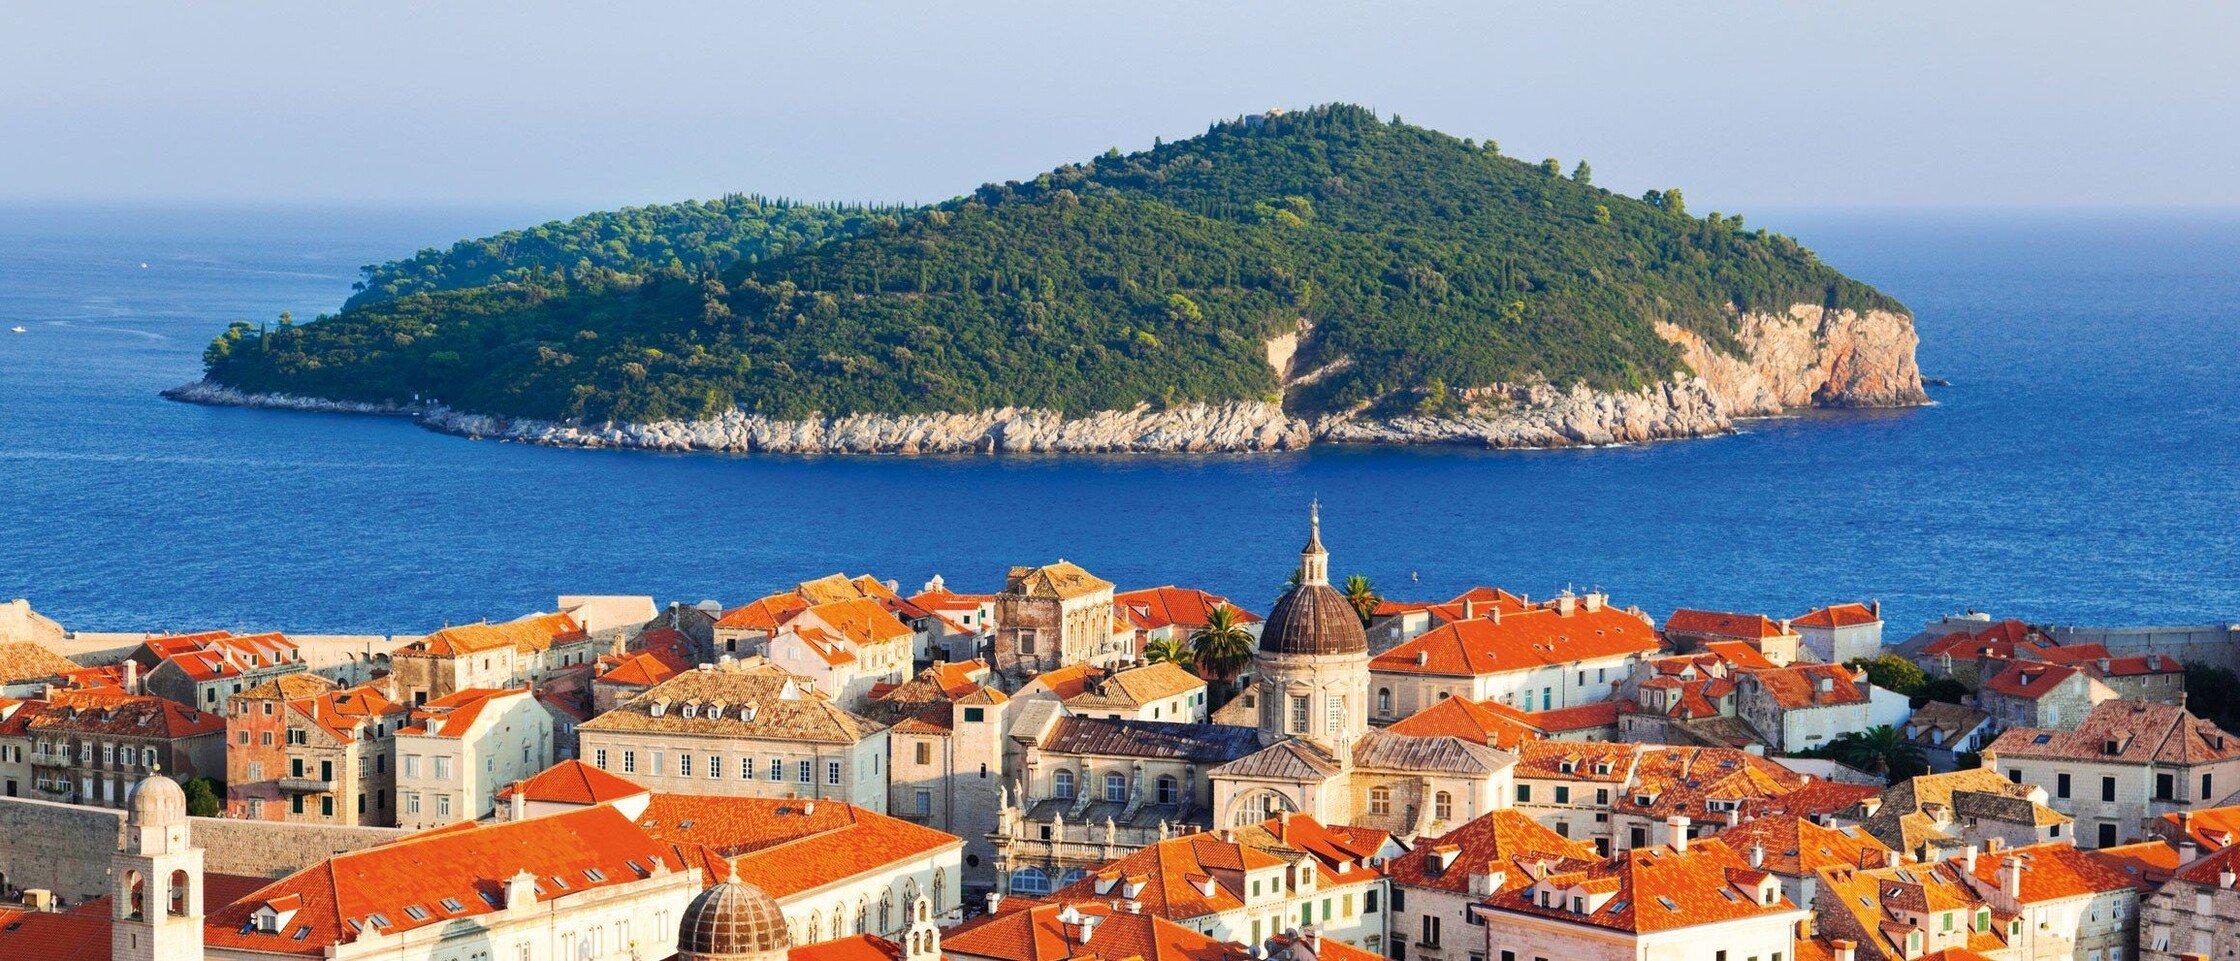 Kroatische Stadt mit Insel